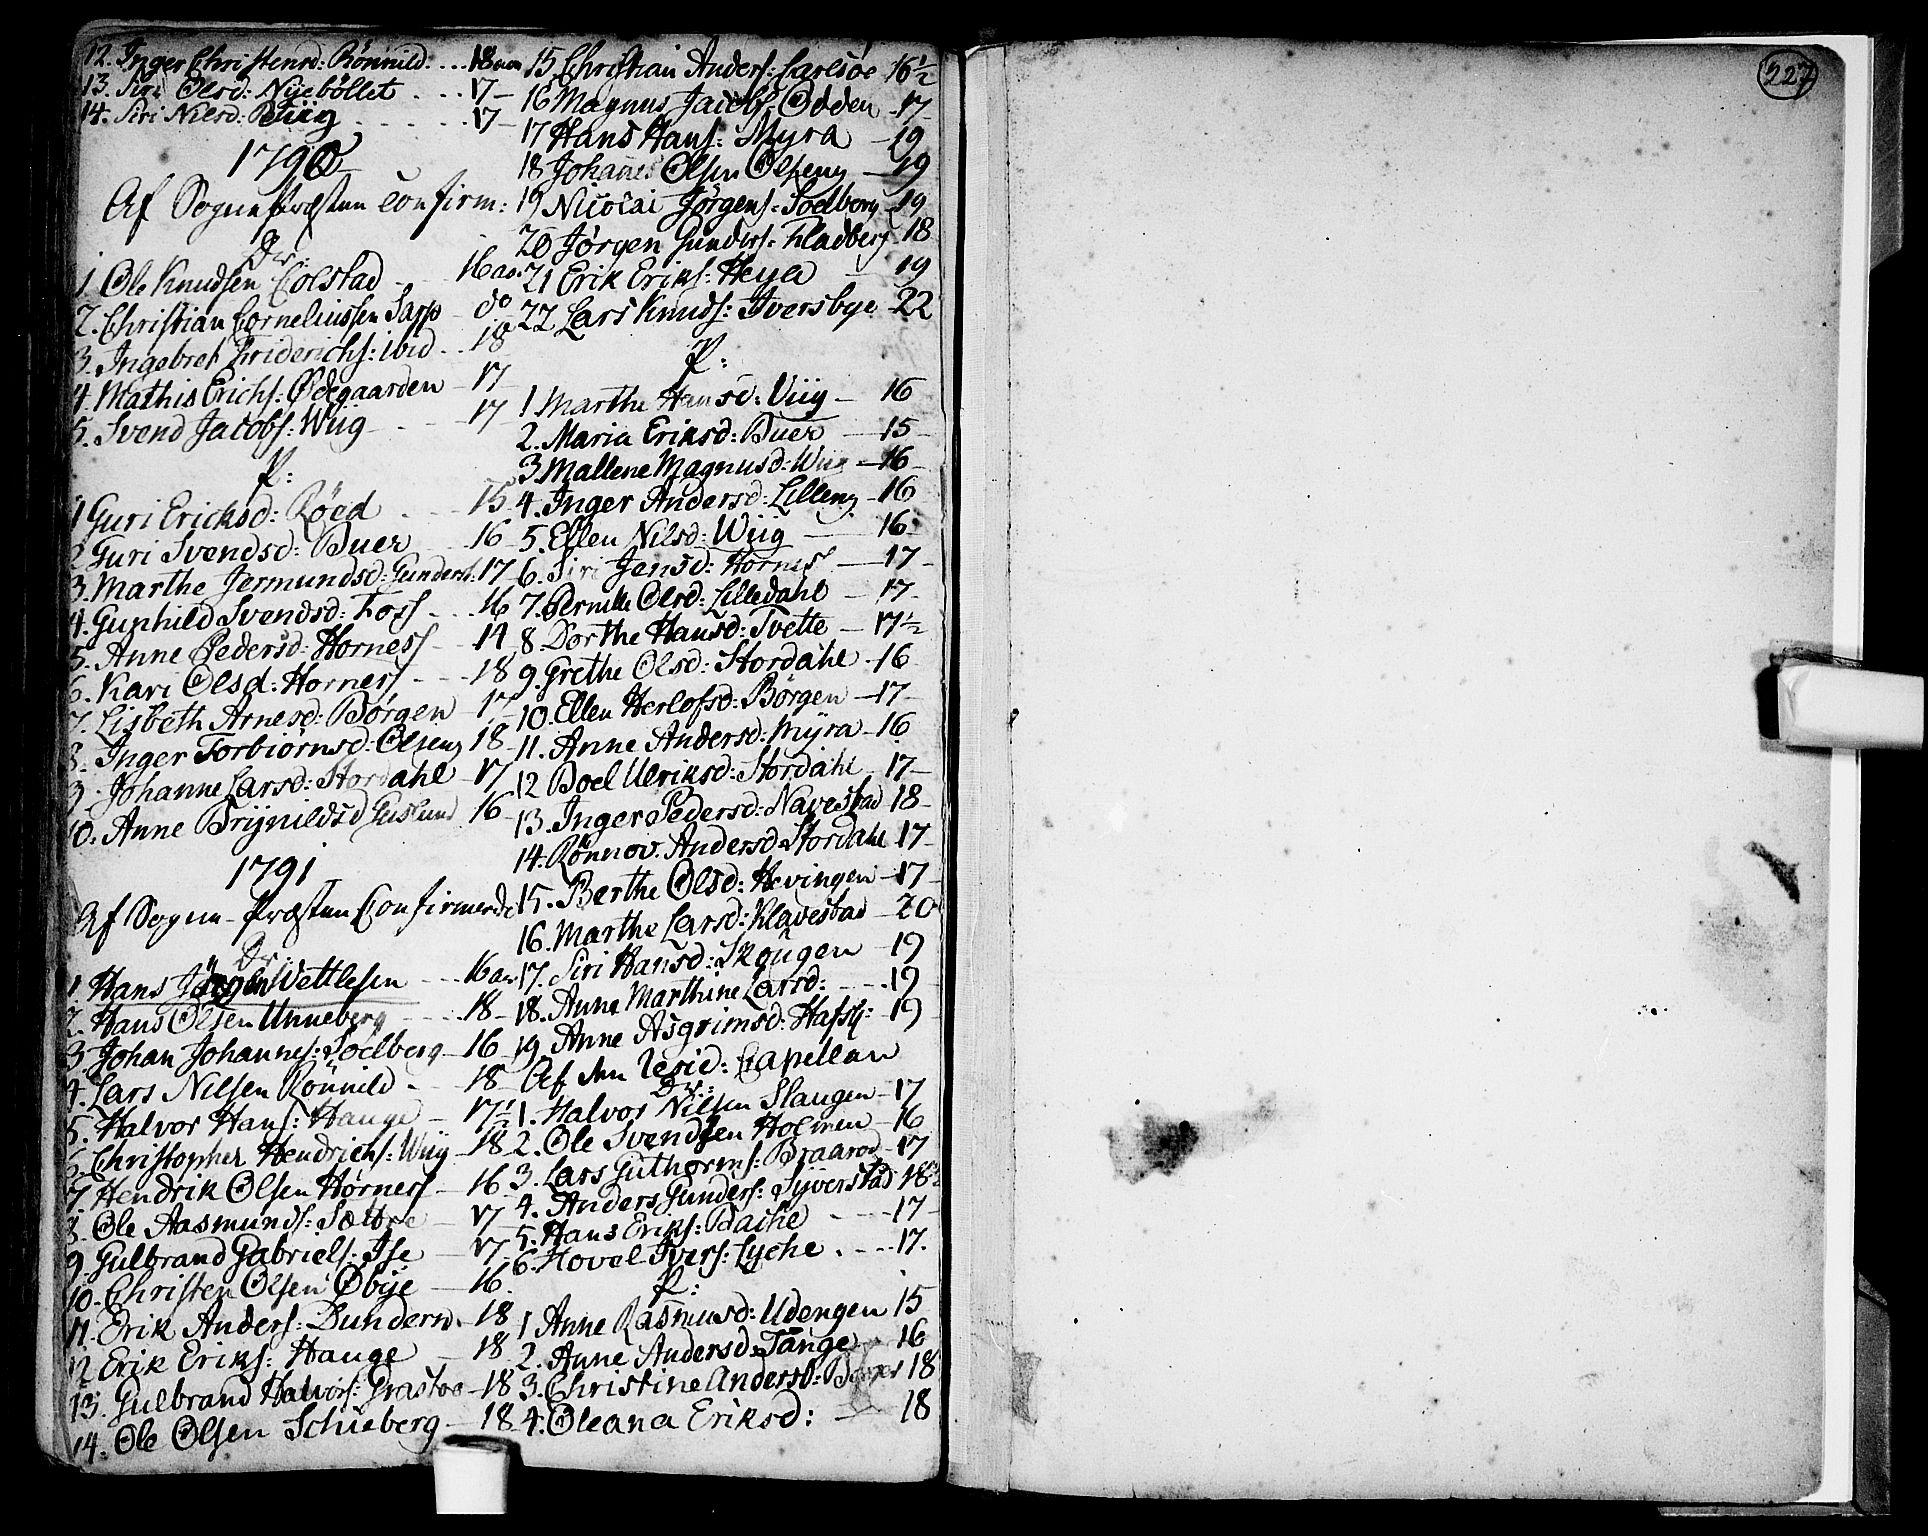 SAO, Skjeberg prestekontor Kirkebøker, F/Fa/L0002: Ministerialbok nr. I 2, 1726-1791, s. 227